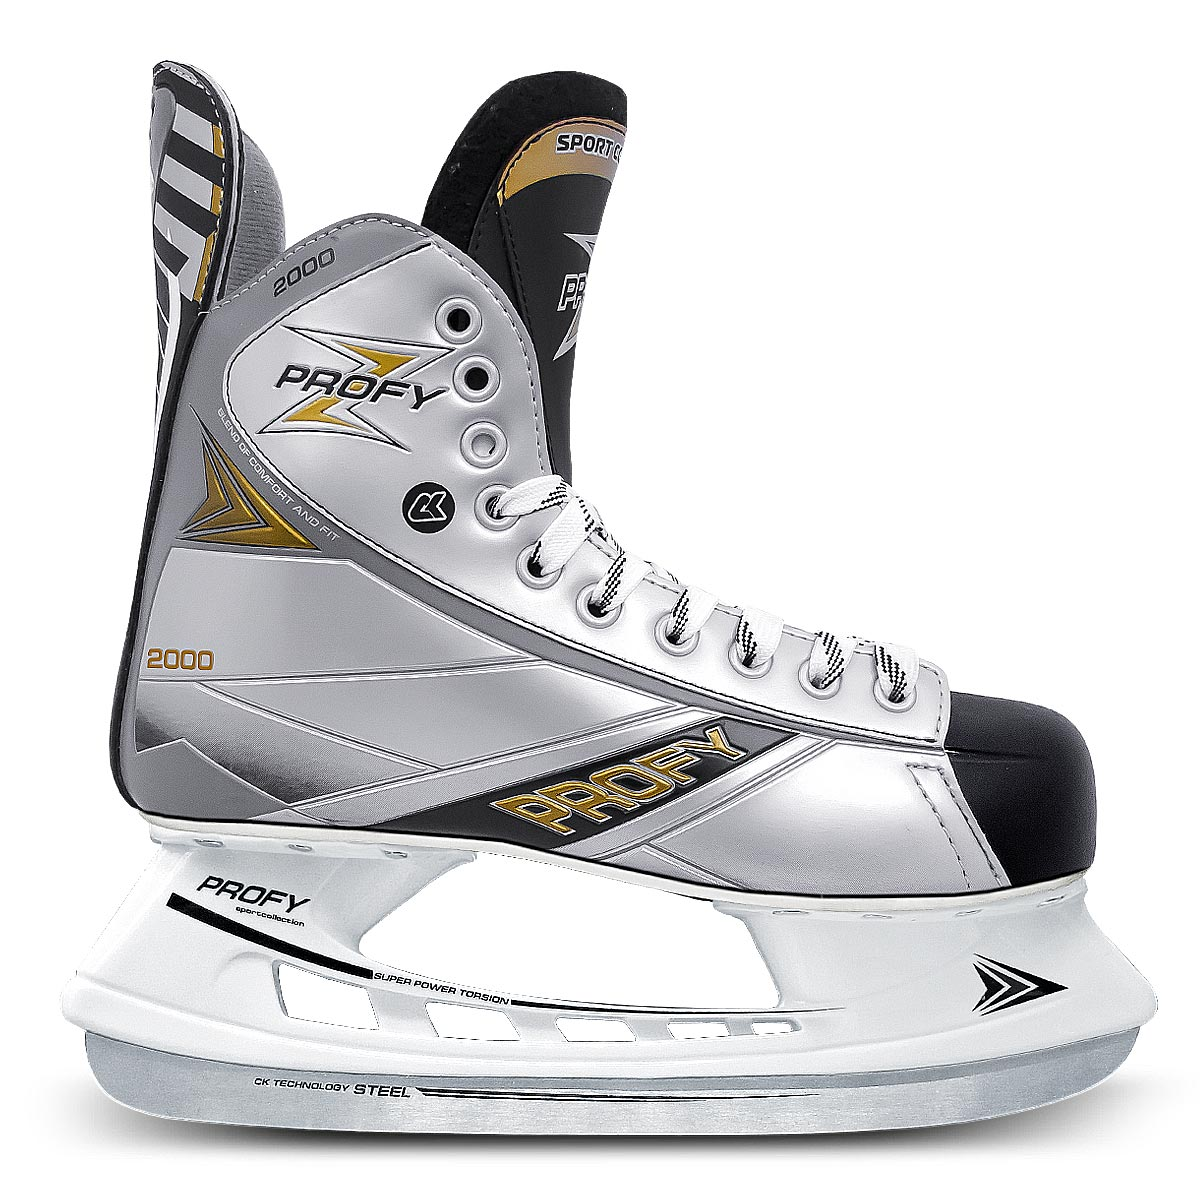 Коньки хоккейные мужские СК Profy Z 2000, цвет: черный, серый. Размер 46